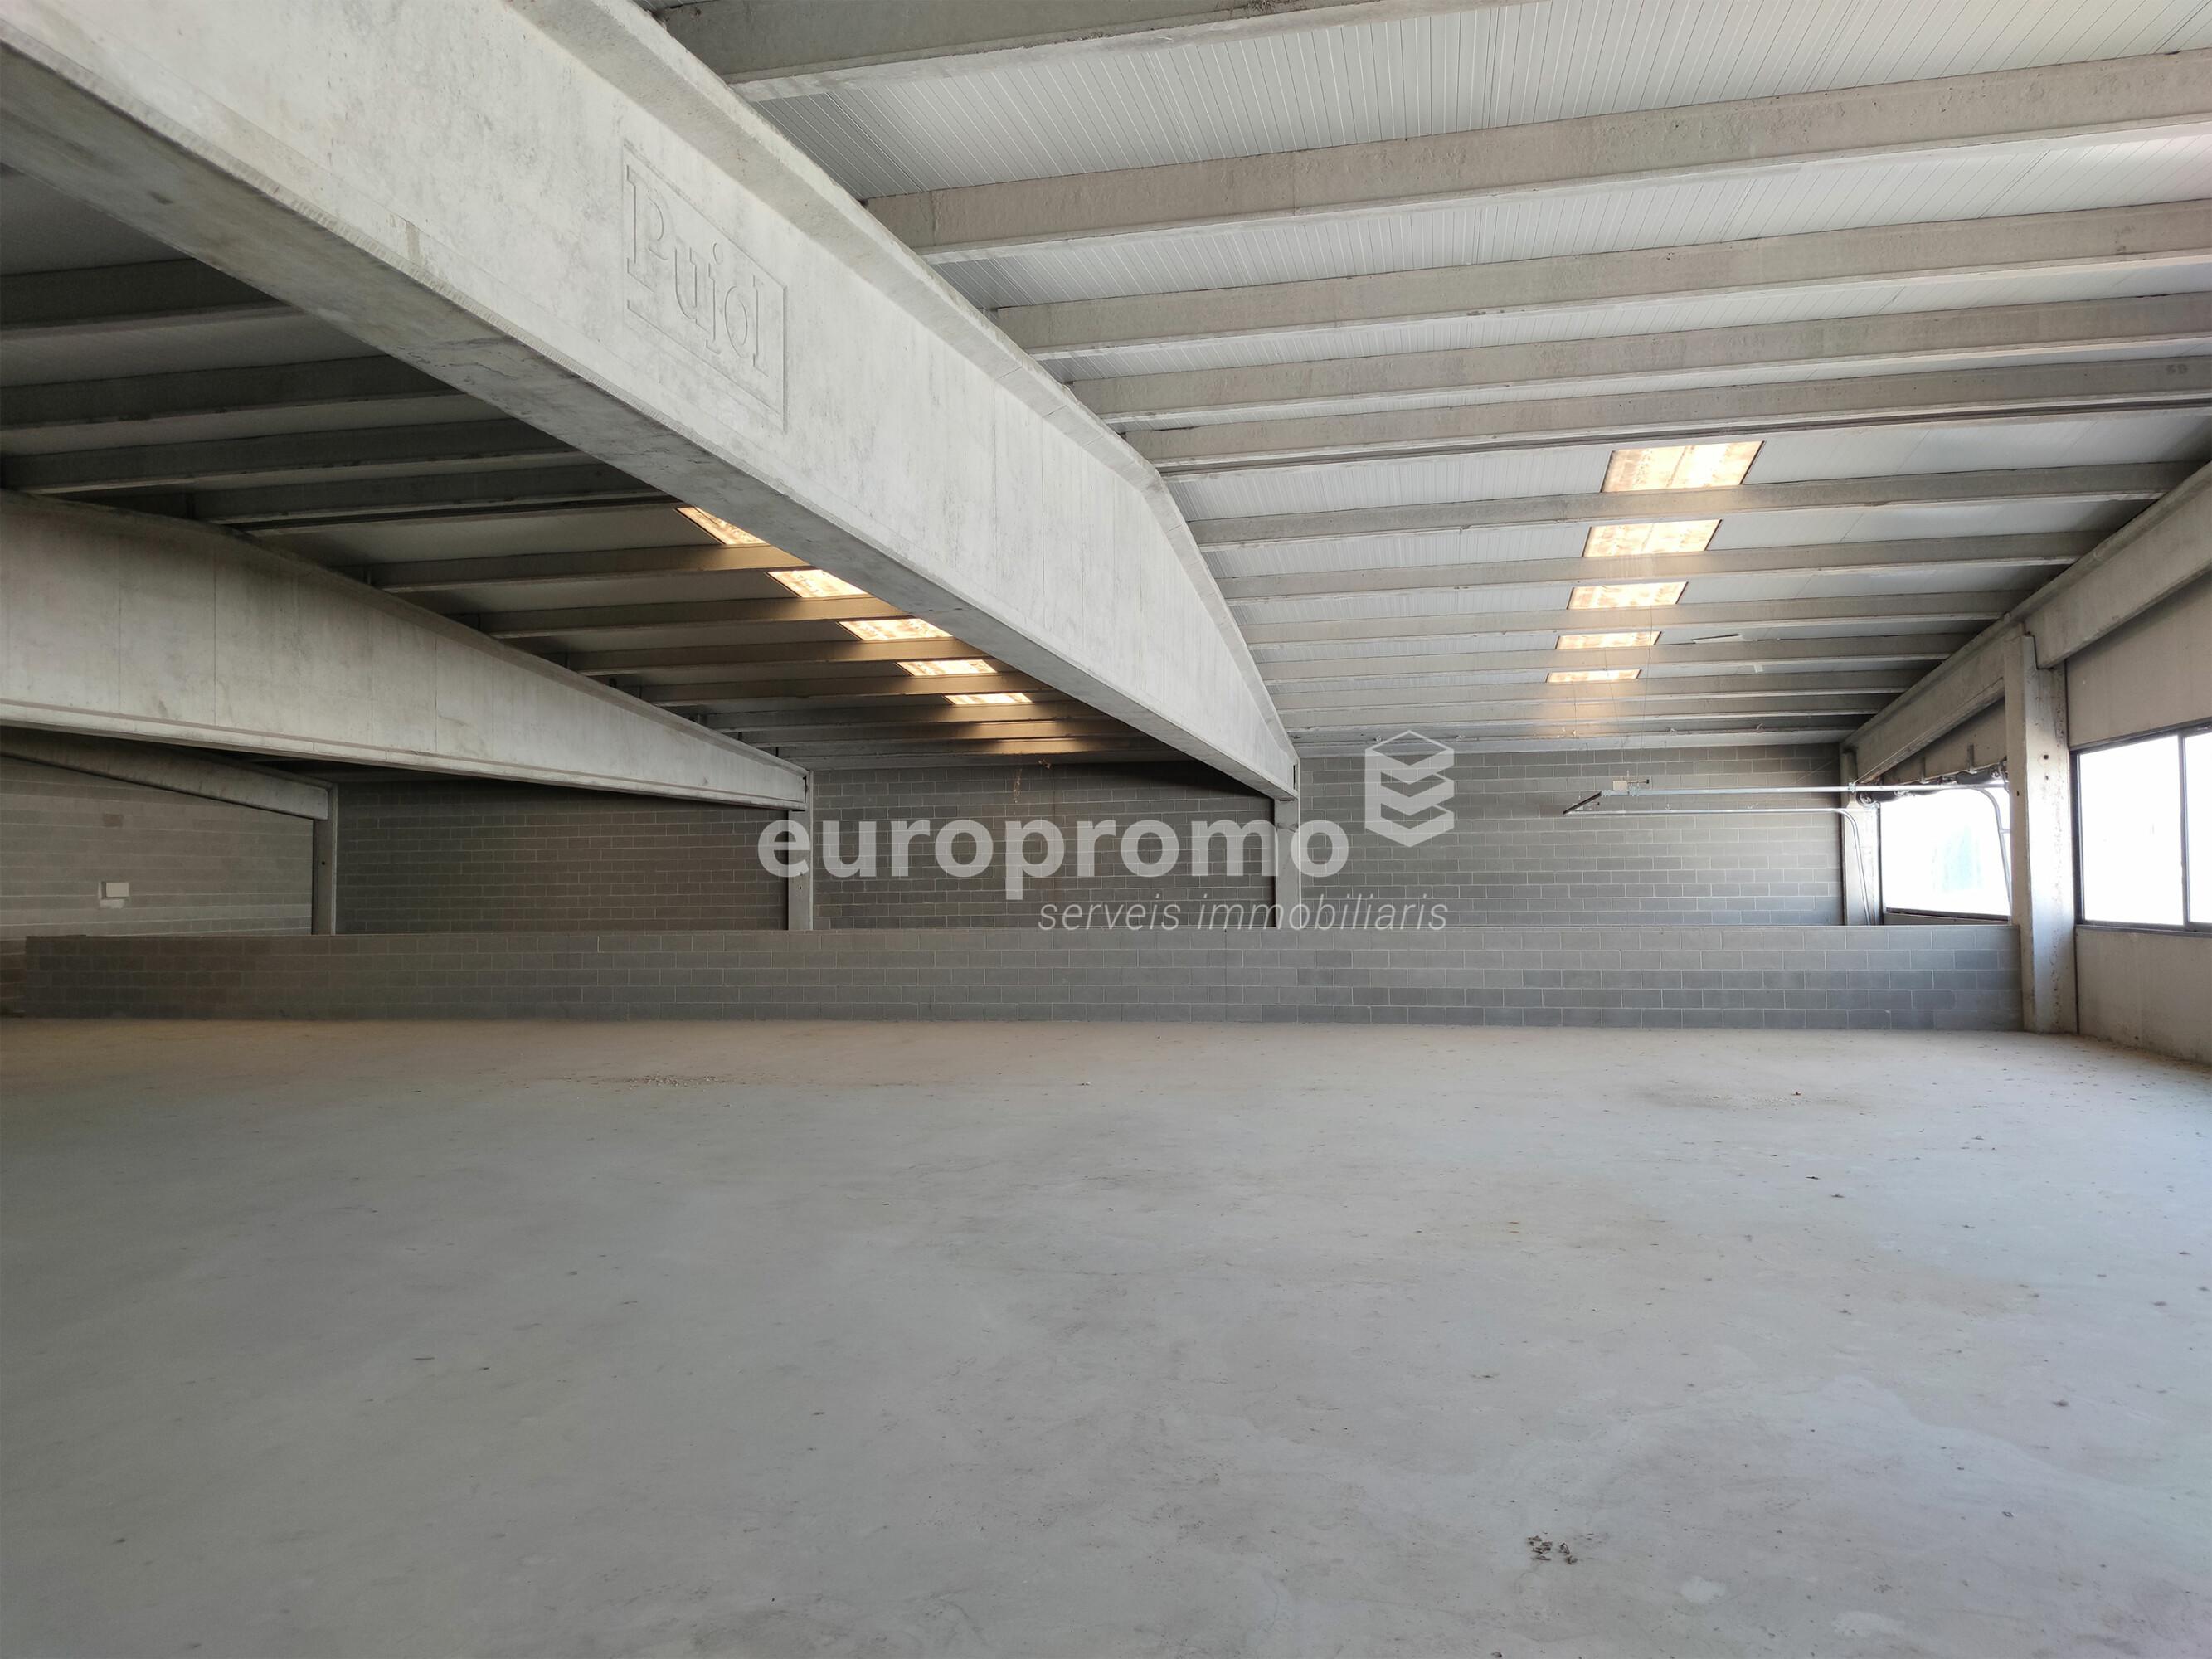 Nau de 1100 m² molt ben situada a Mas Xirgu